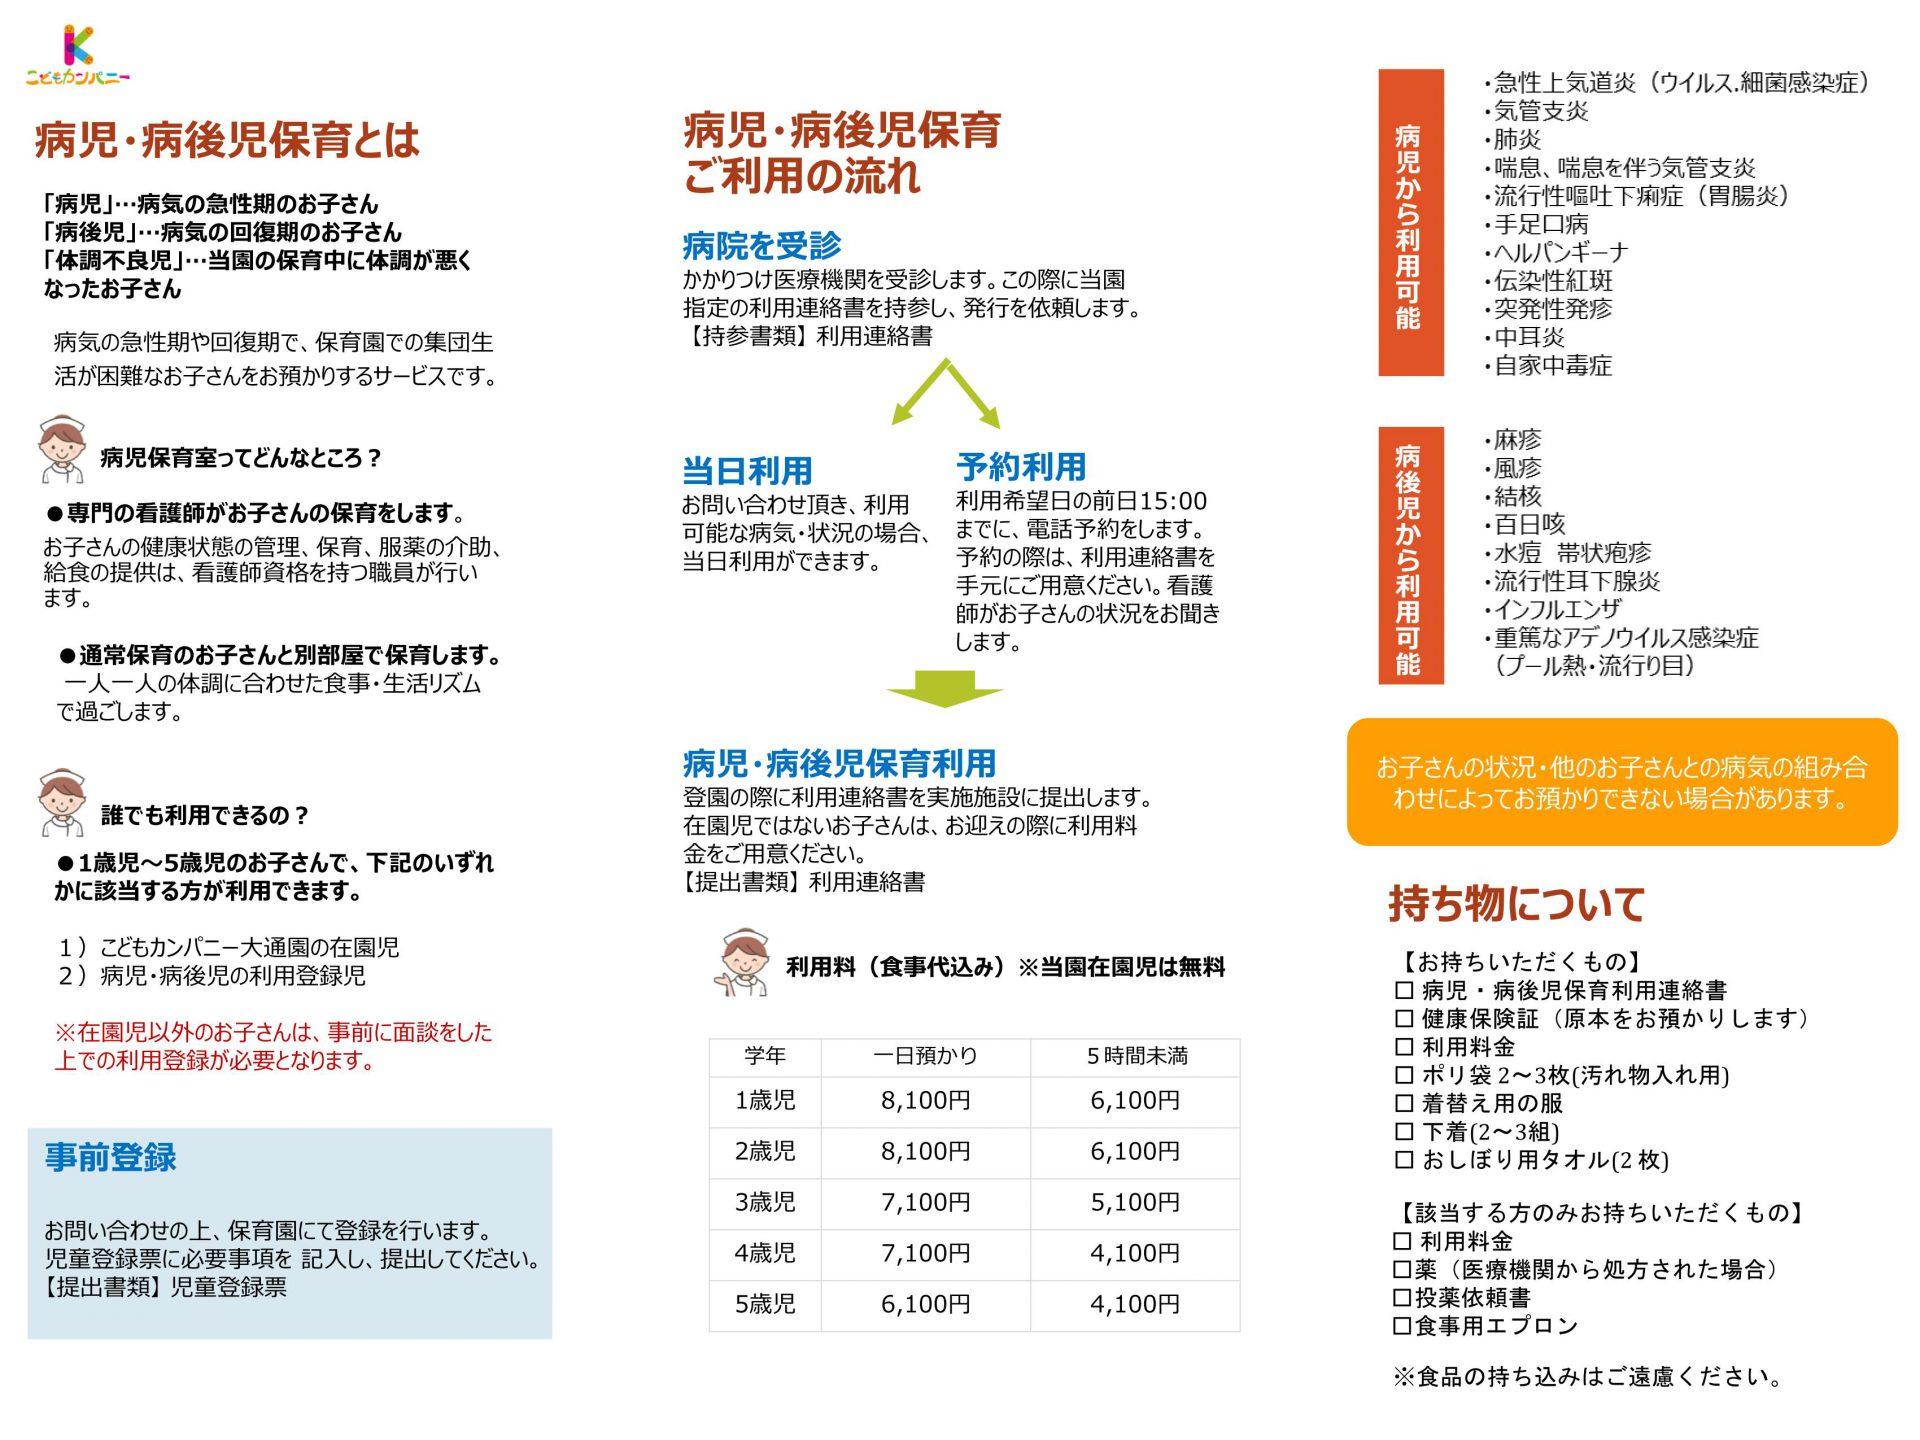 ■3/1UP 保育園のご利用について